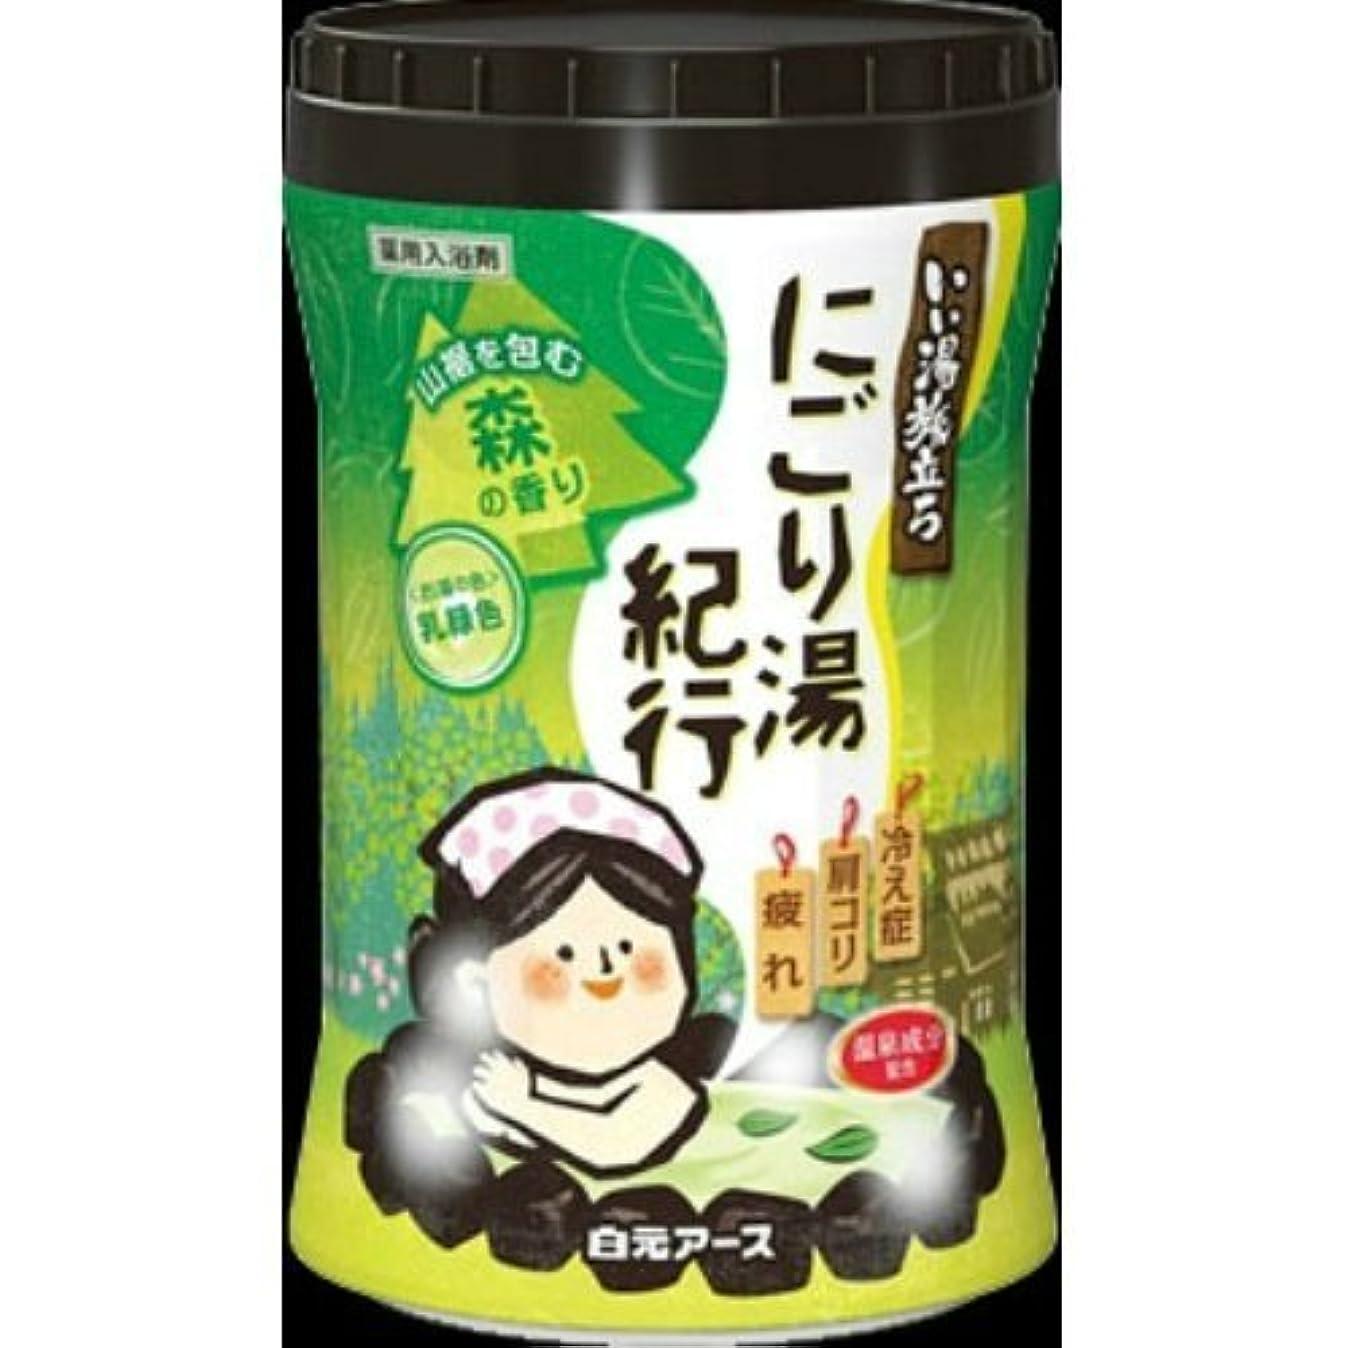 同意ピボット近代化するいい湯旅立ちボトル にごり湯紀行 森の香り 入浴剤 600g [医薬部外品]